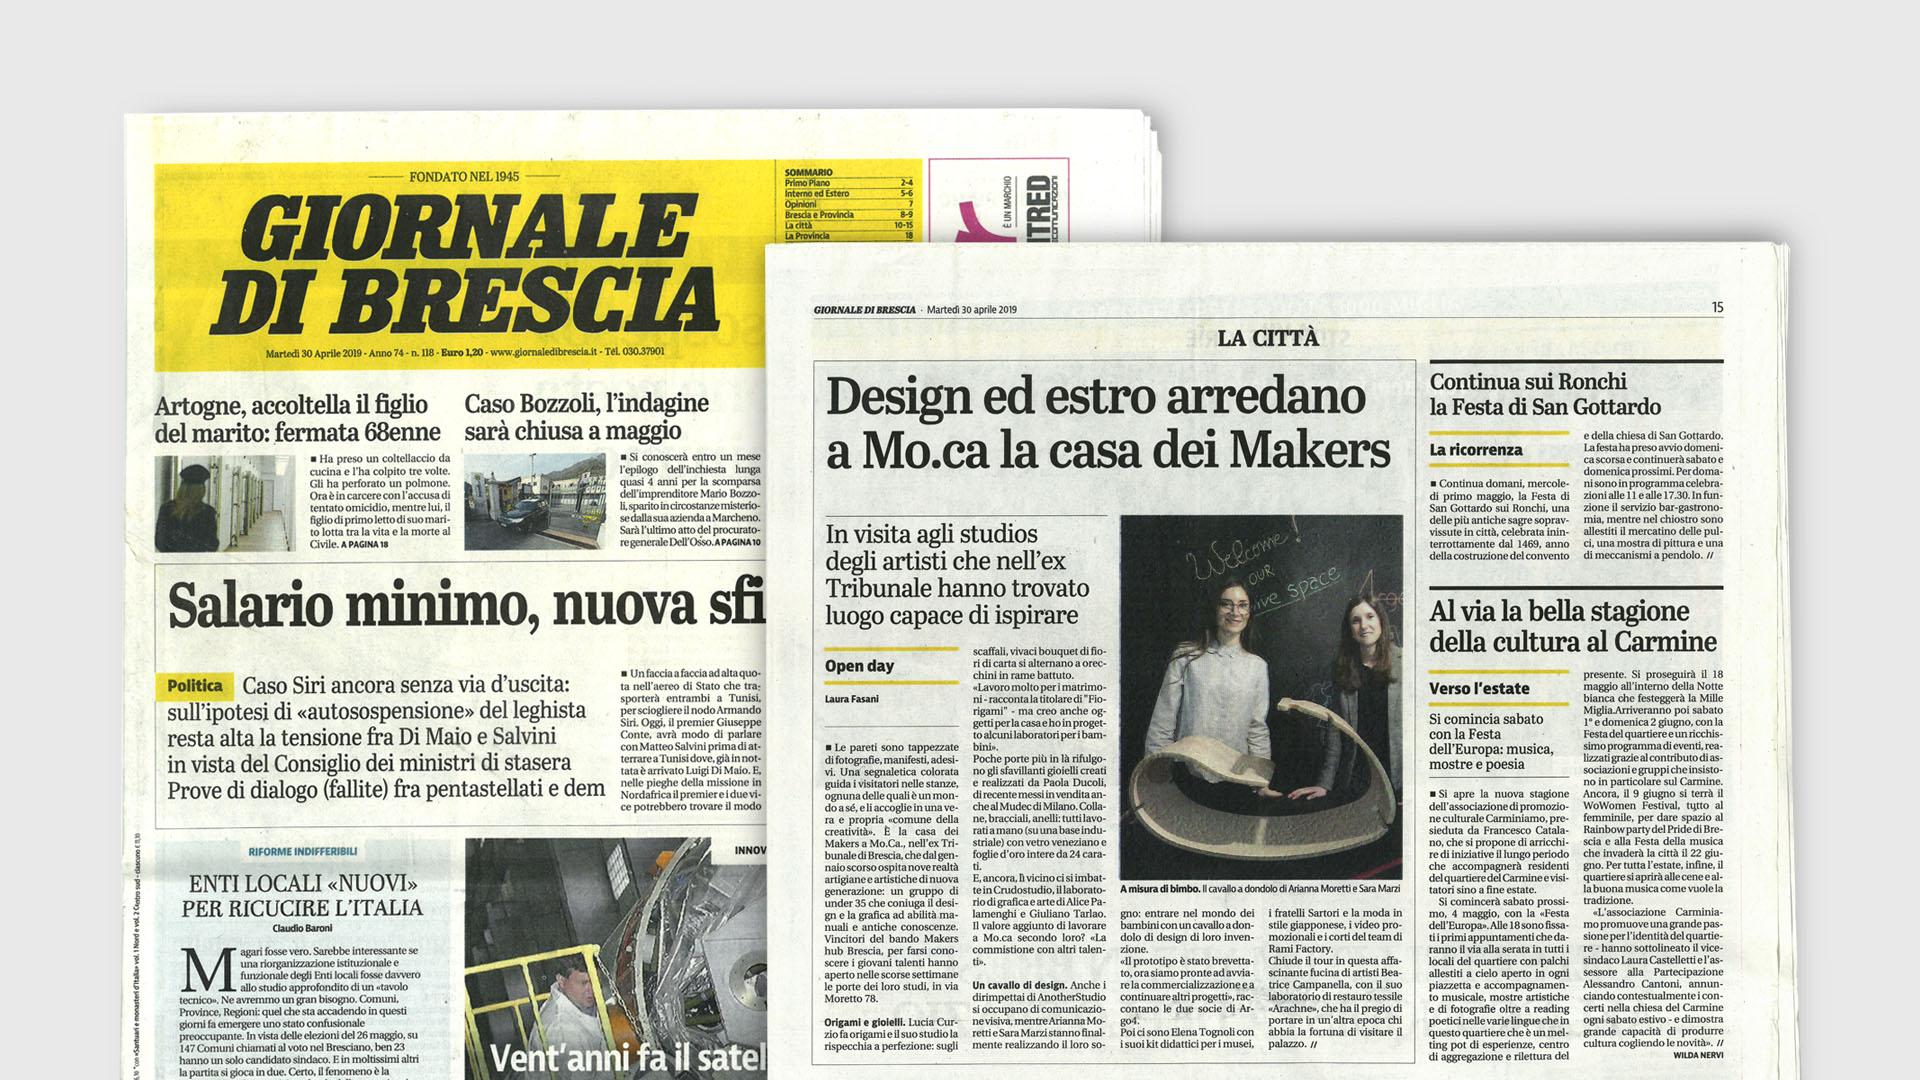 Immagine della prima pagina del Giornale di Brescia del 30 Aprile 2019.